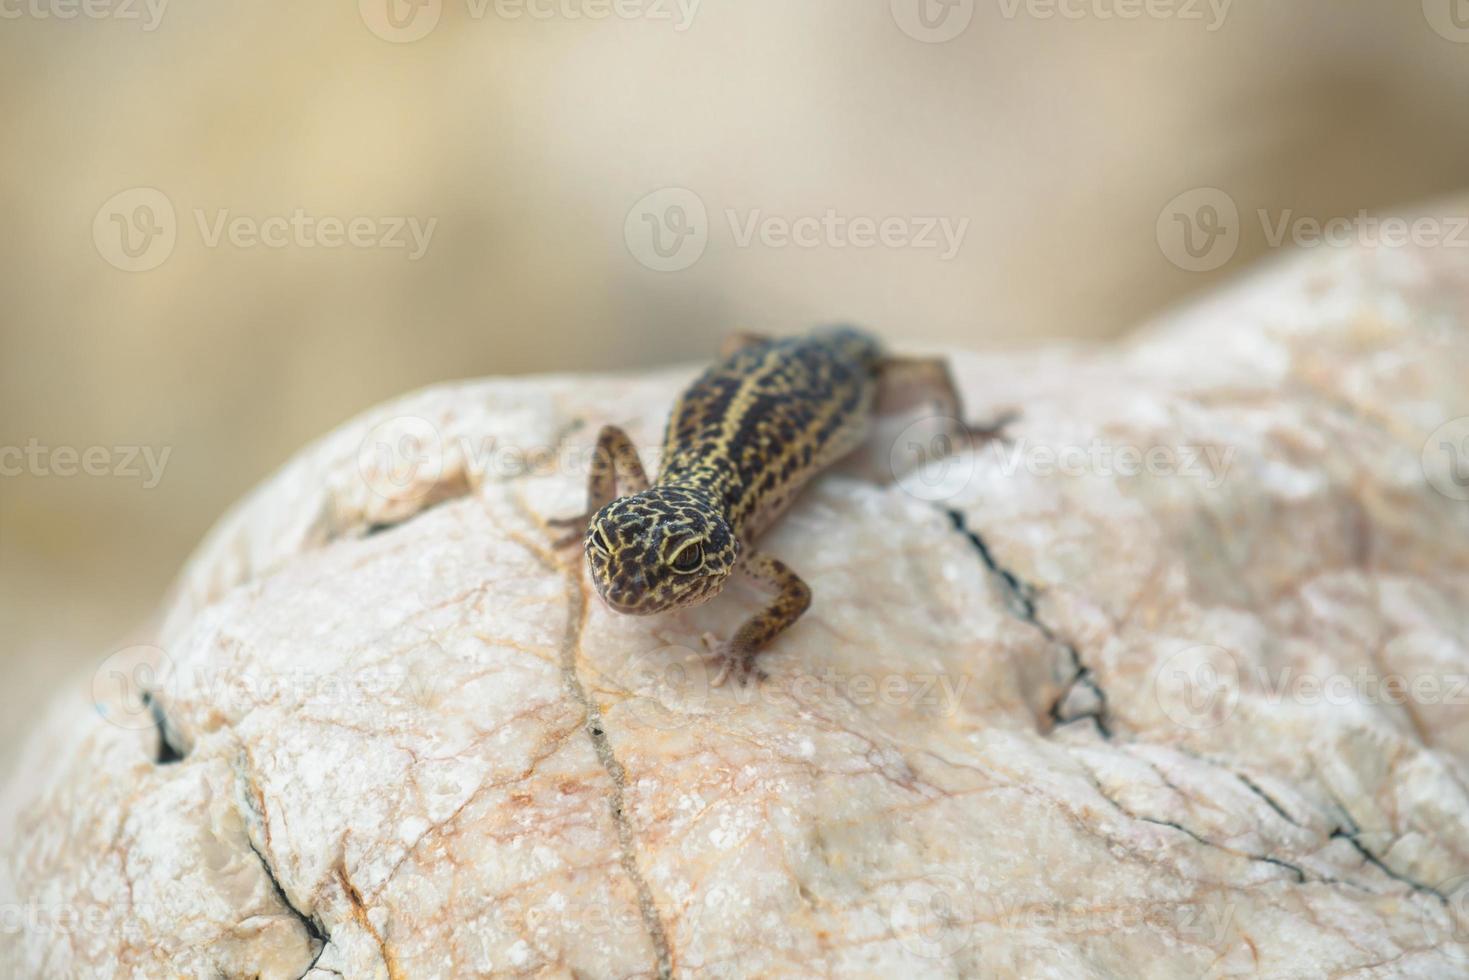 gekkoödla på stenar foto